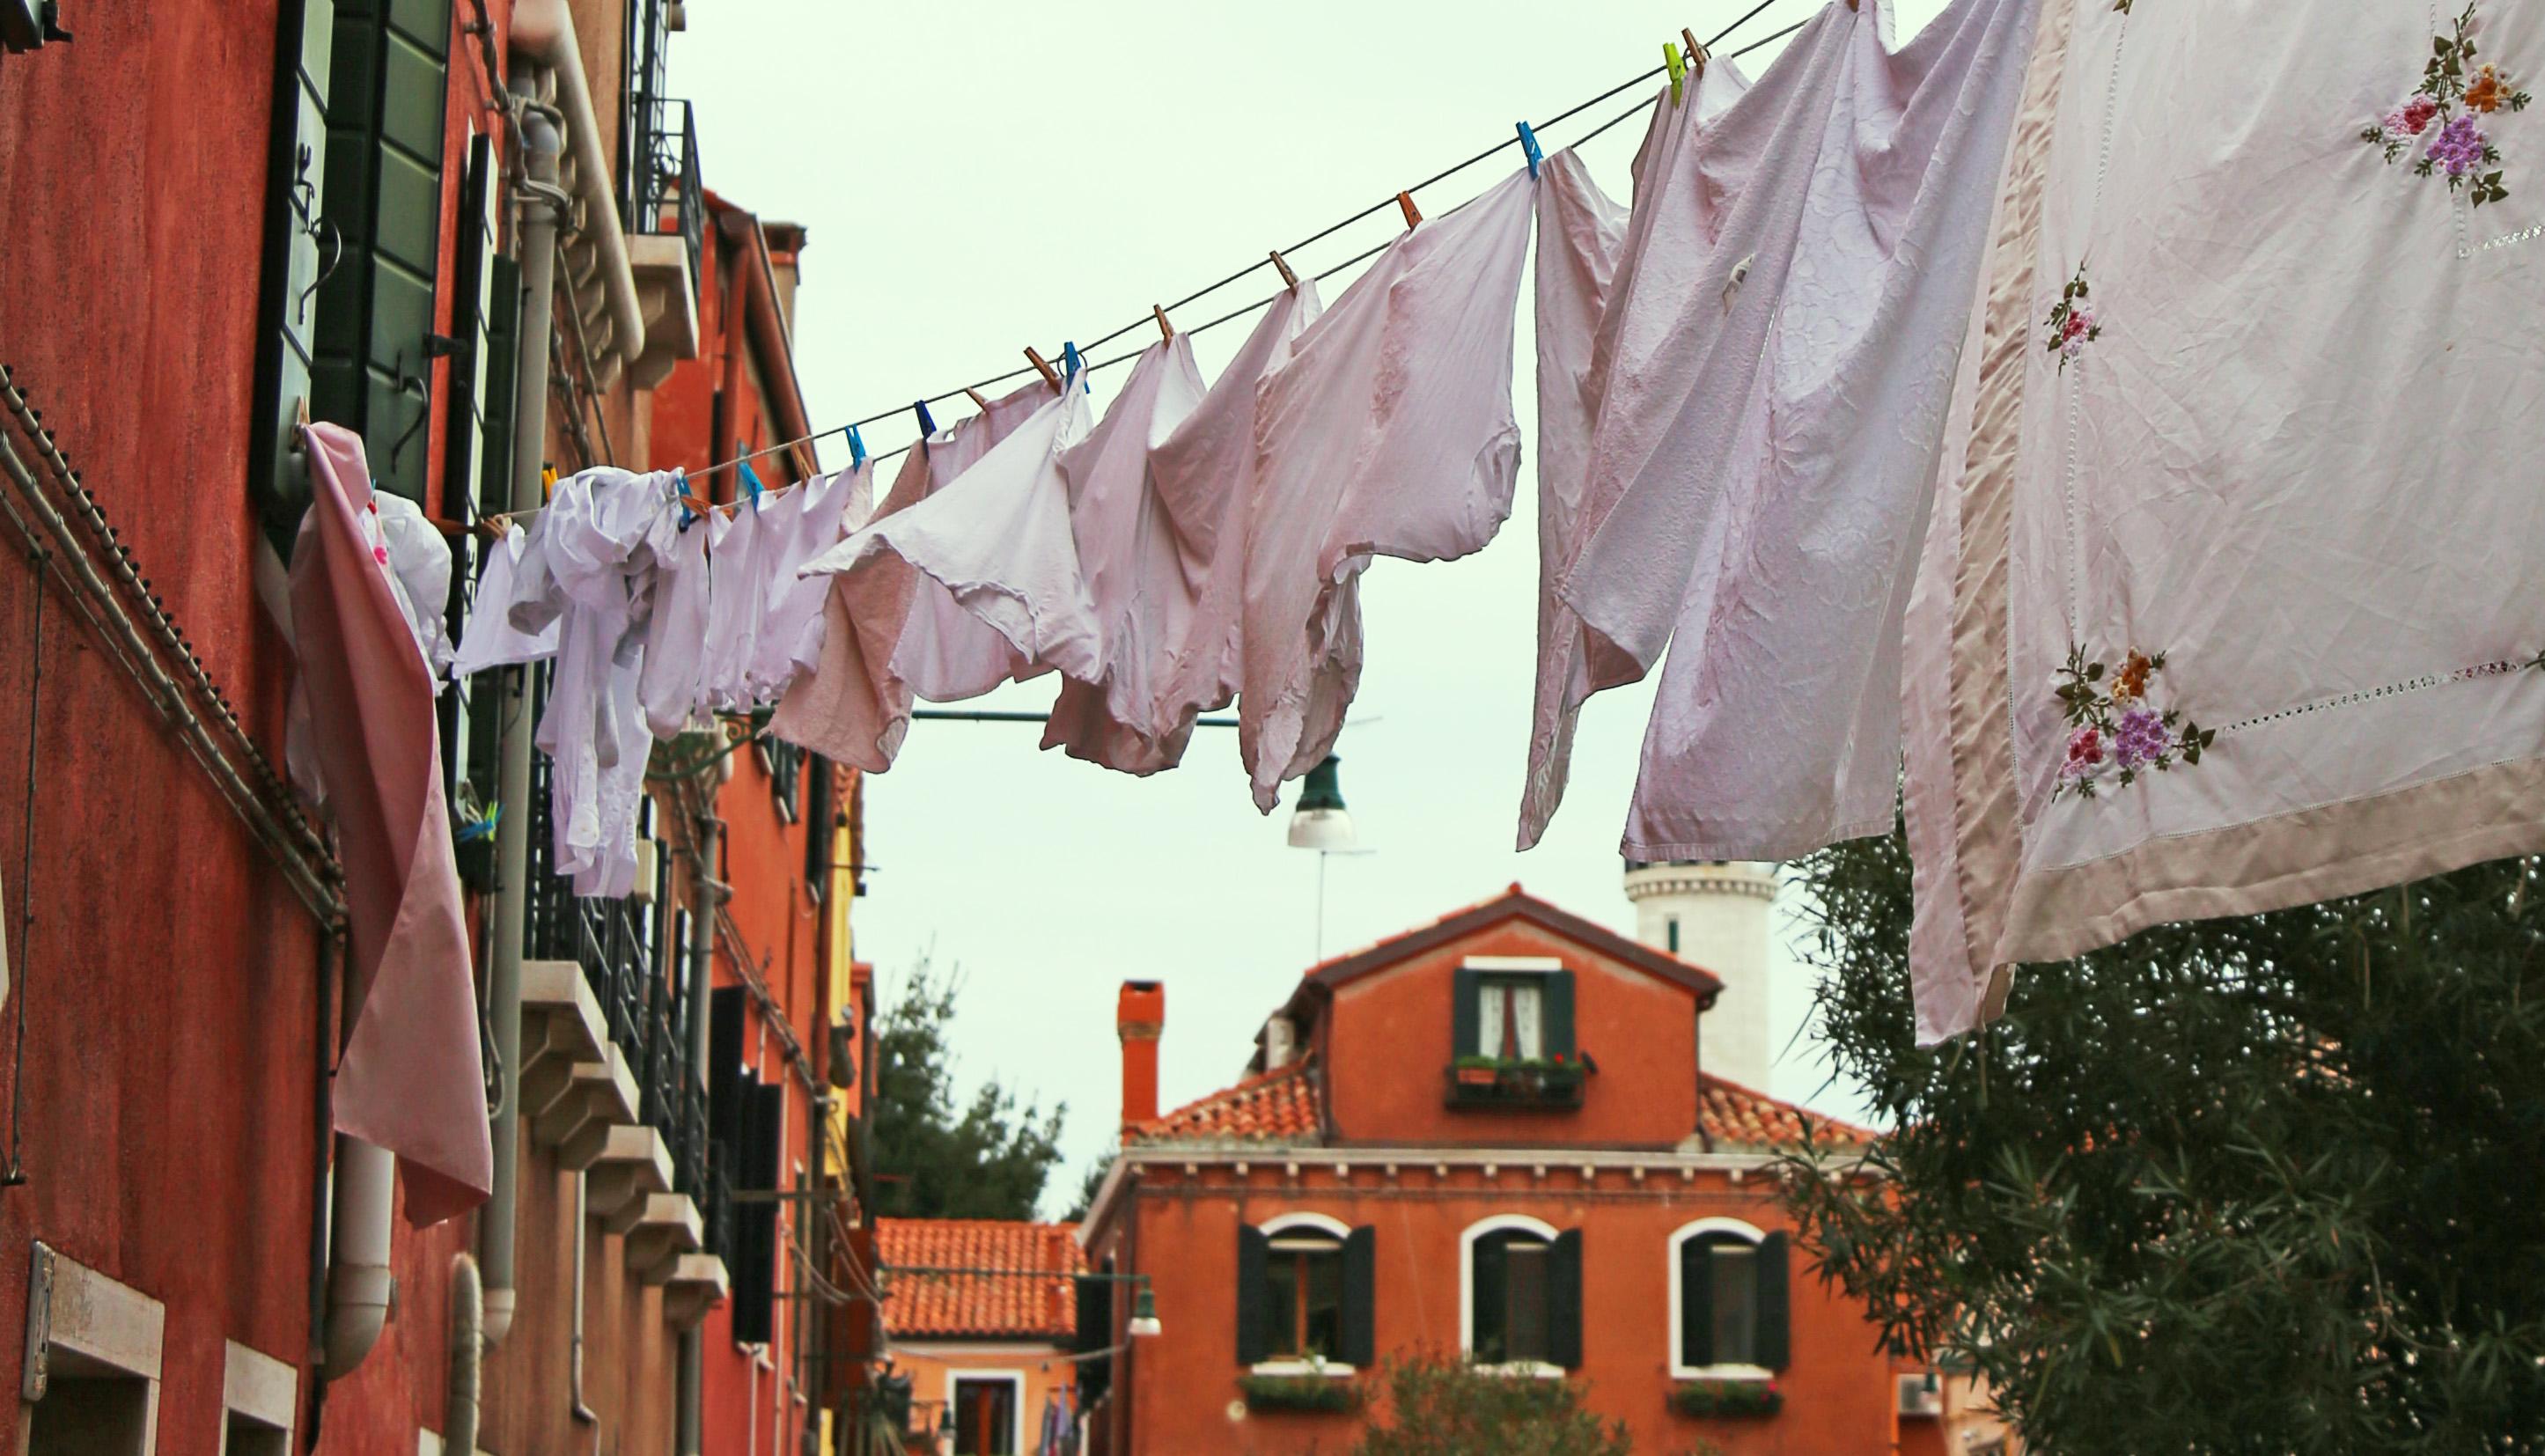 murano_street12